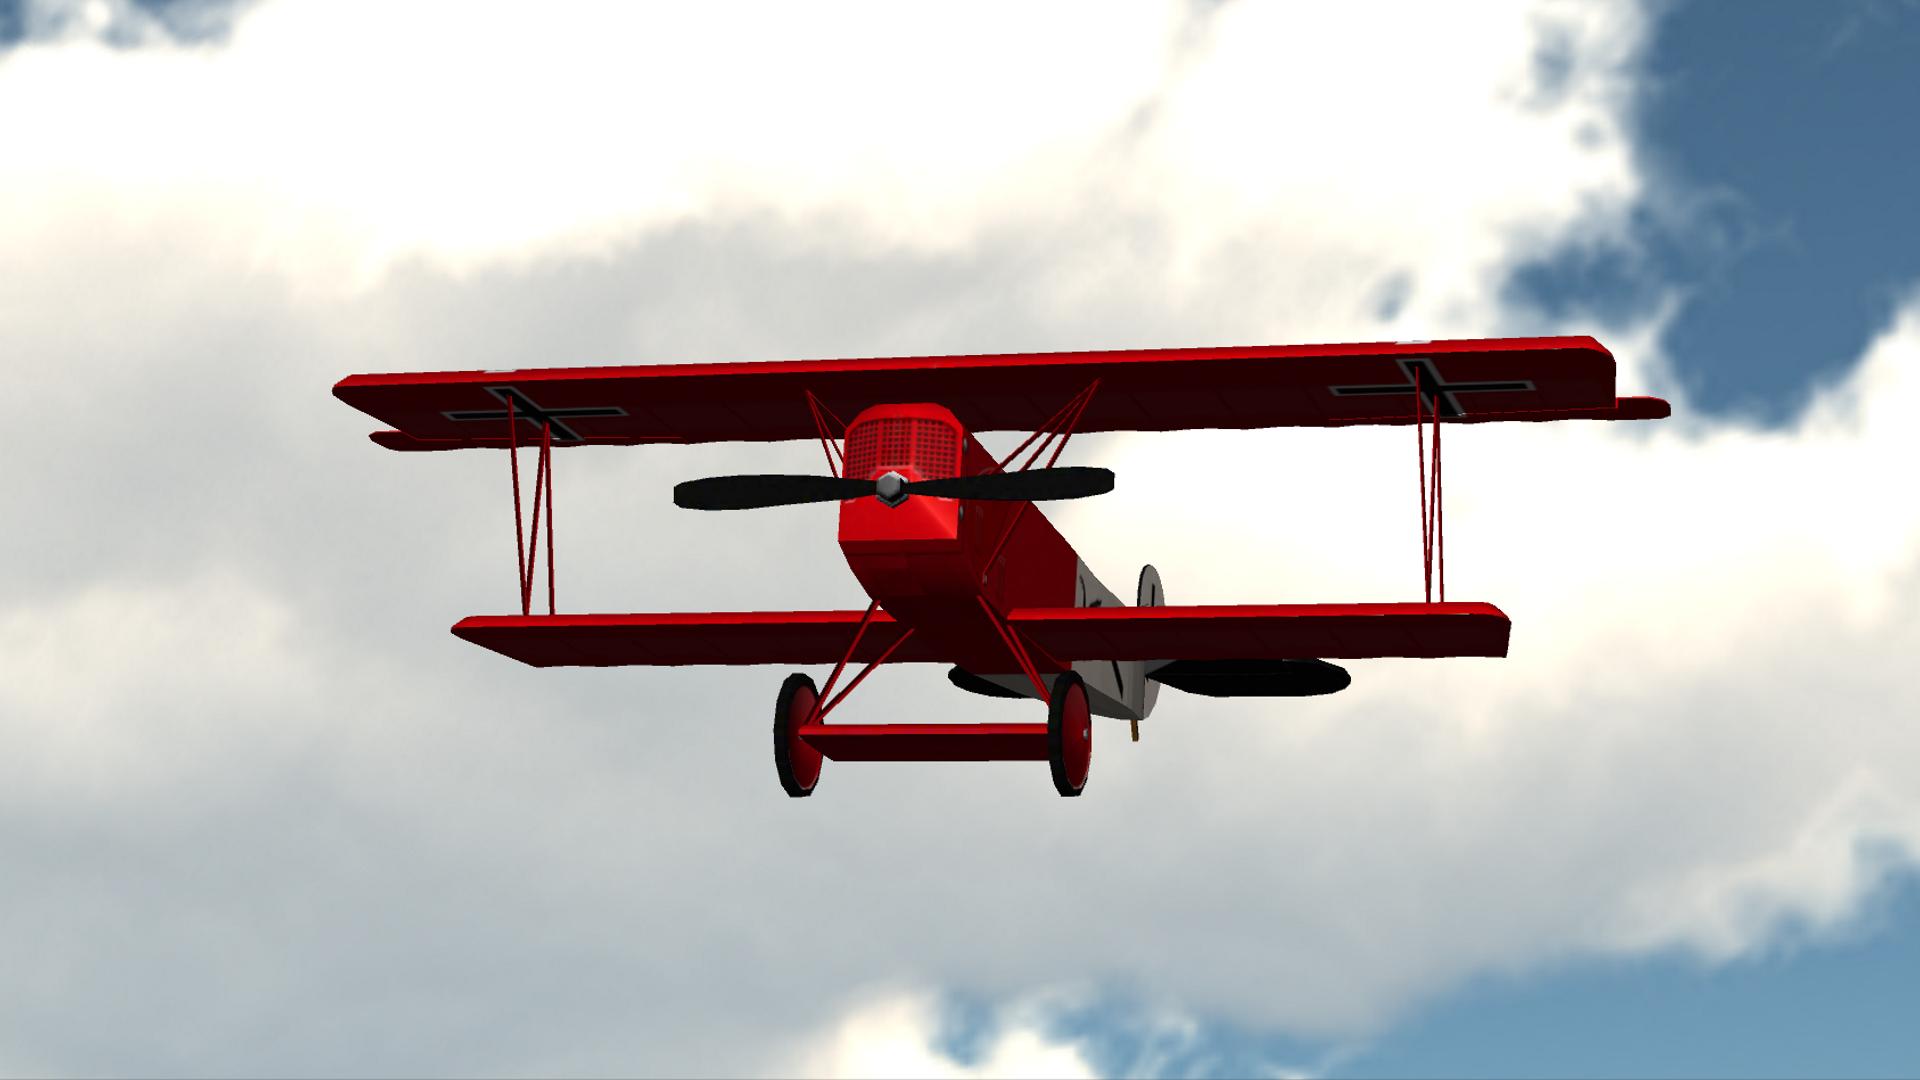 RC-AirSim - RC Model Airplane Flight Simulator screenshot 3